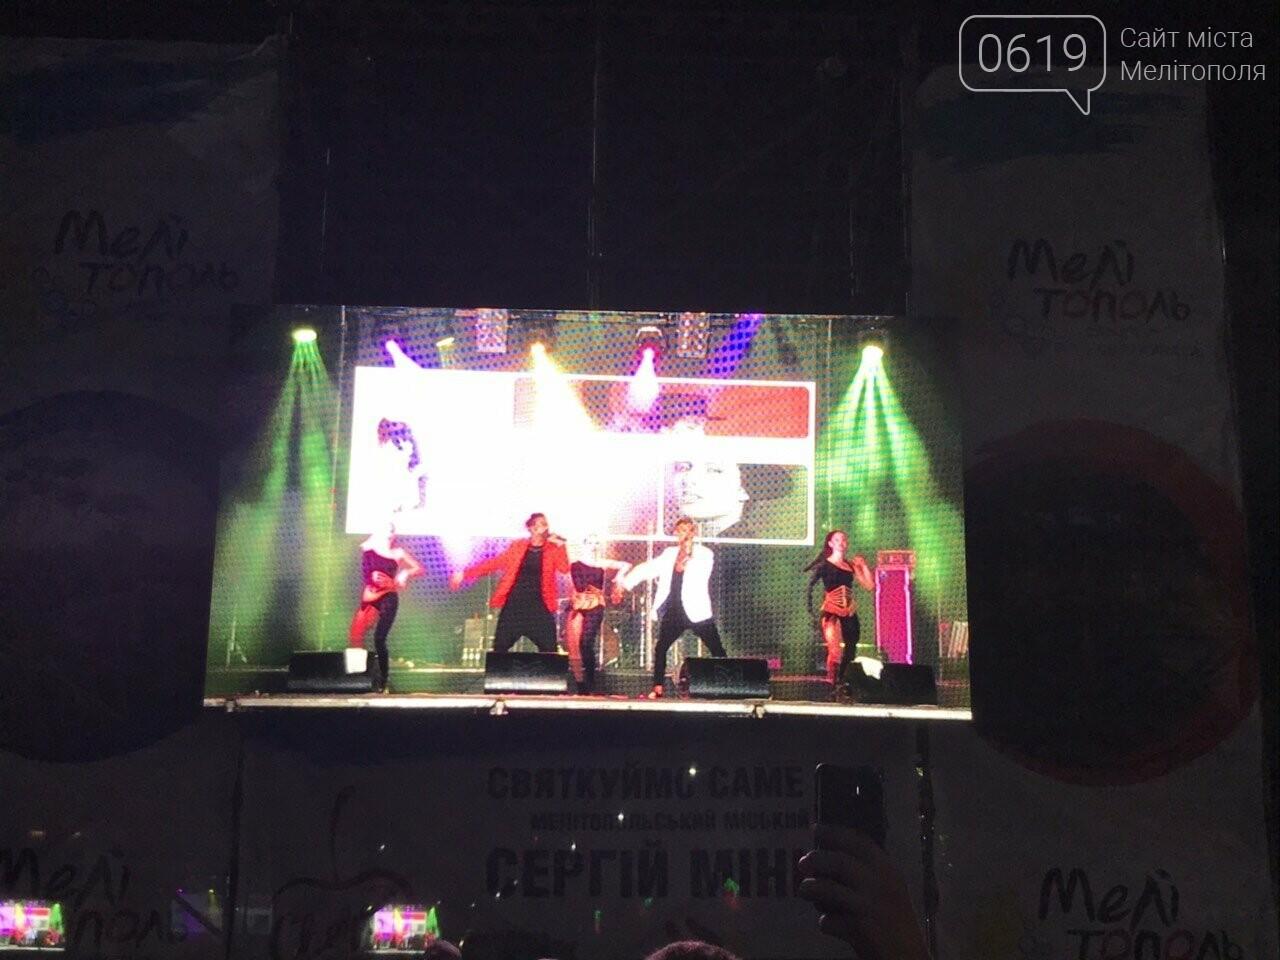 В Мелитополе День города отметили концертом и ярким фейерверком, фото-6